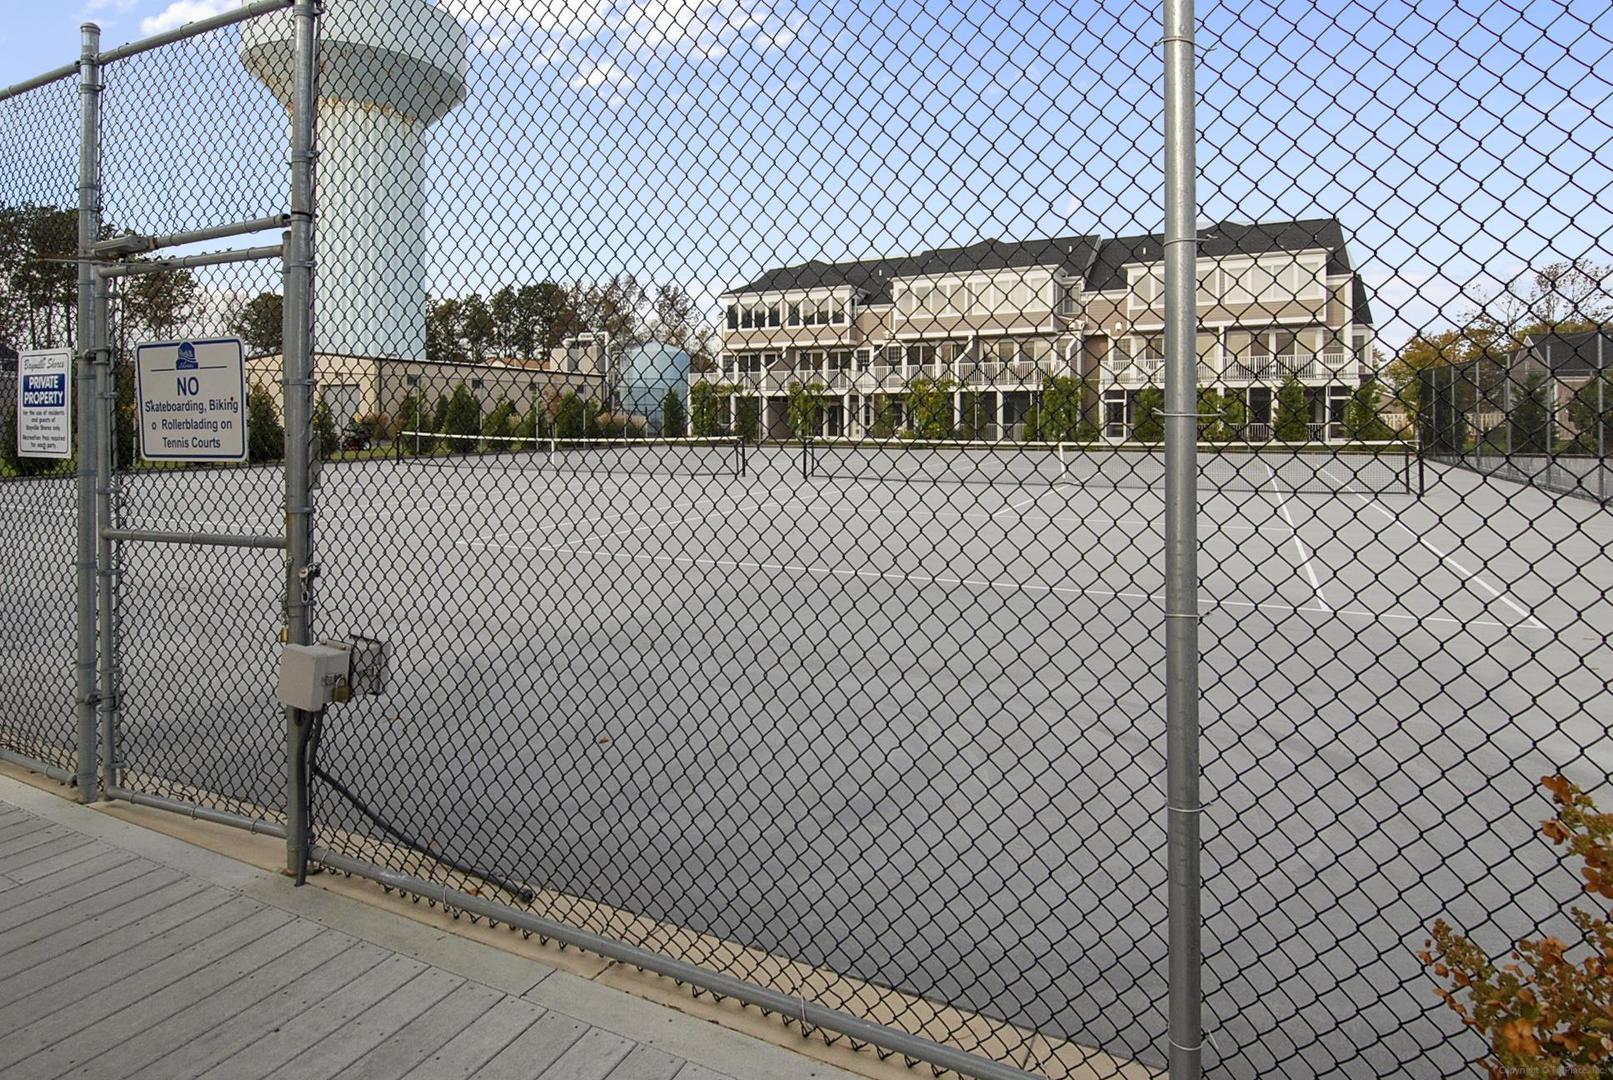 Bayville Shores Tennis Courts